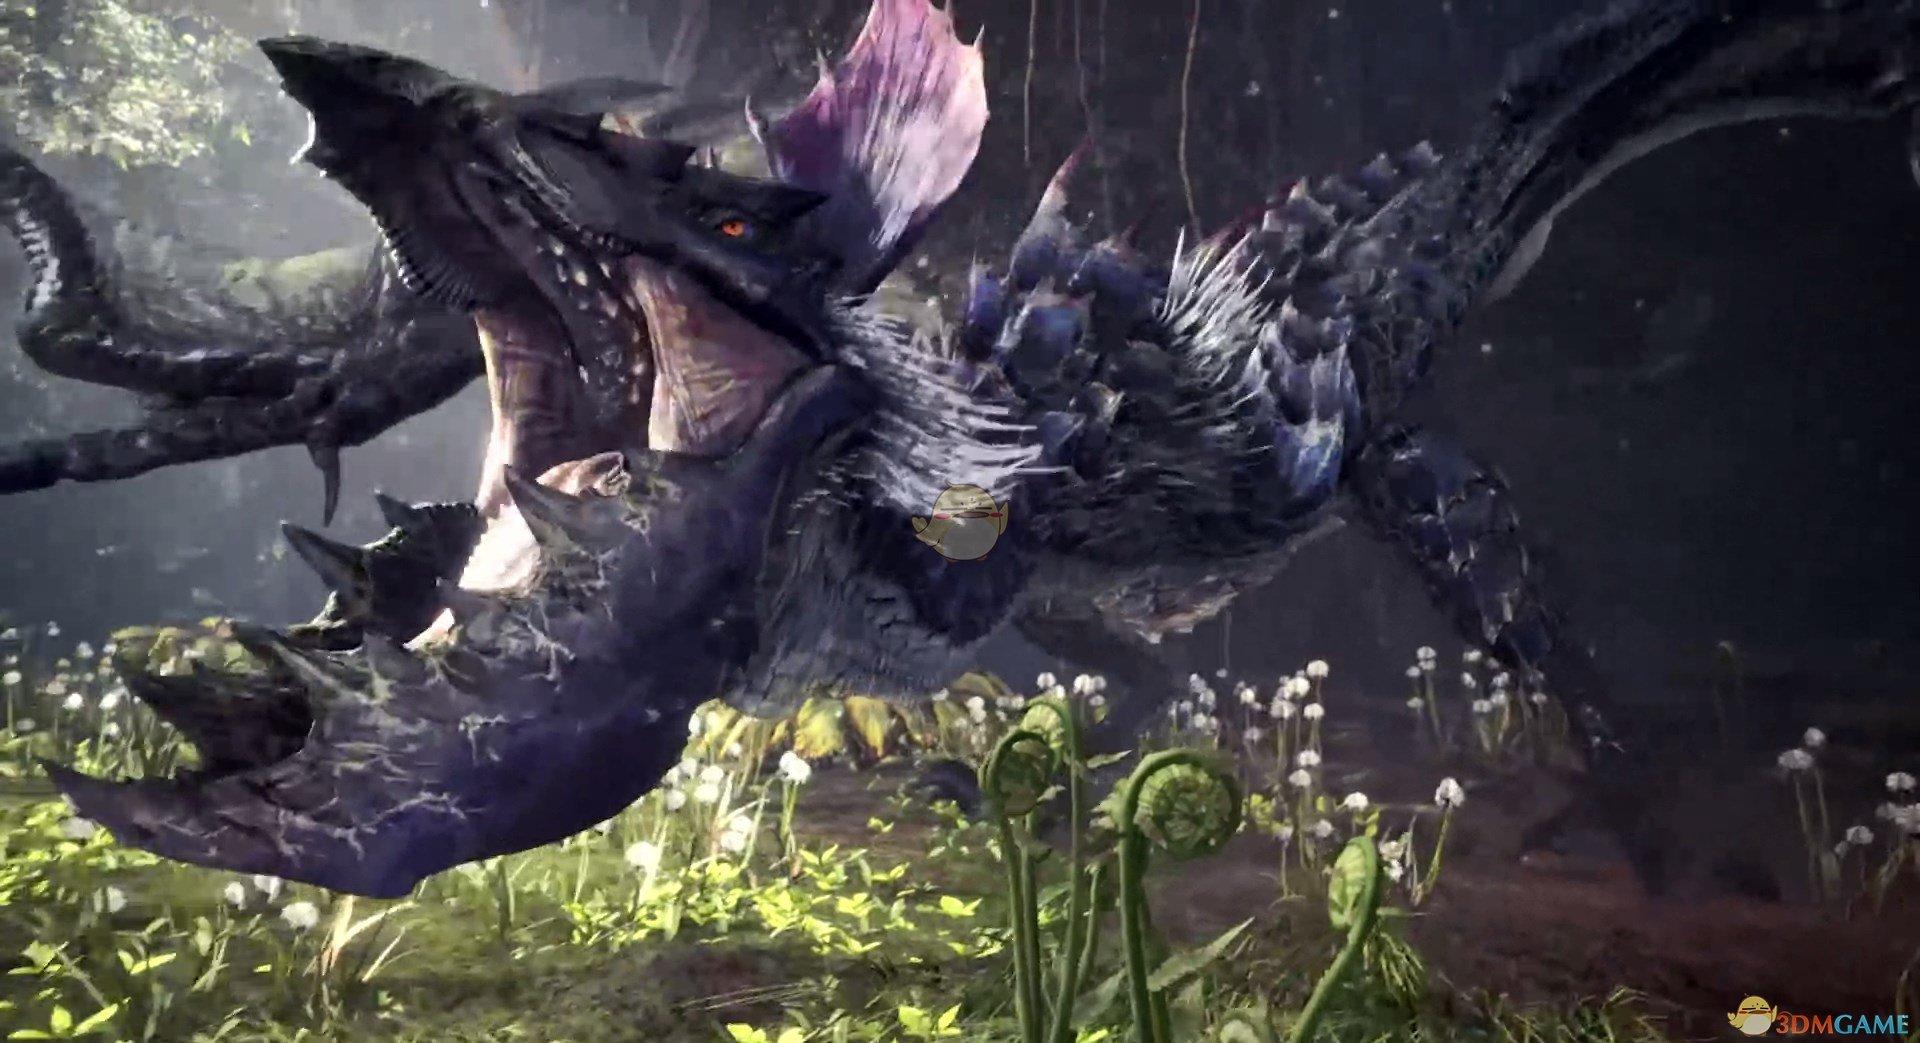 《怪物猎人:世界》冰原DLC剑斧属解使用技巧分享